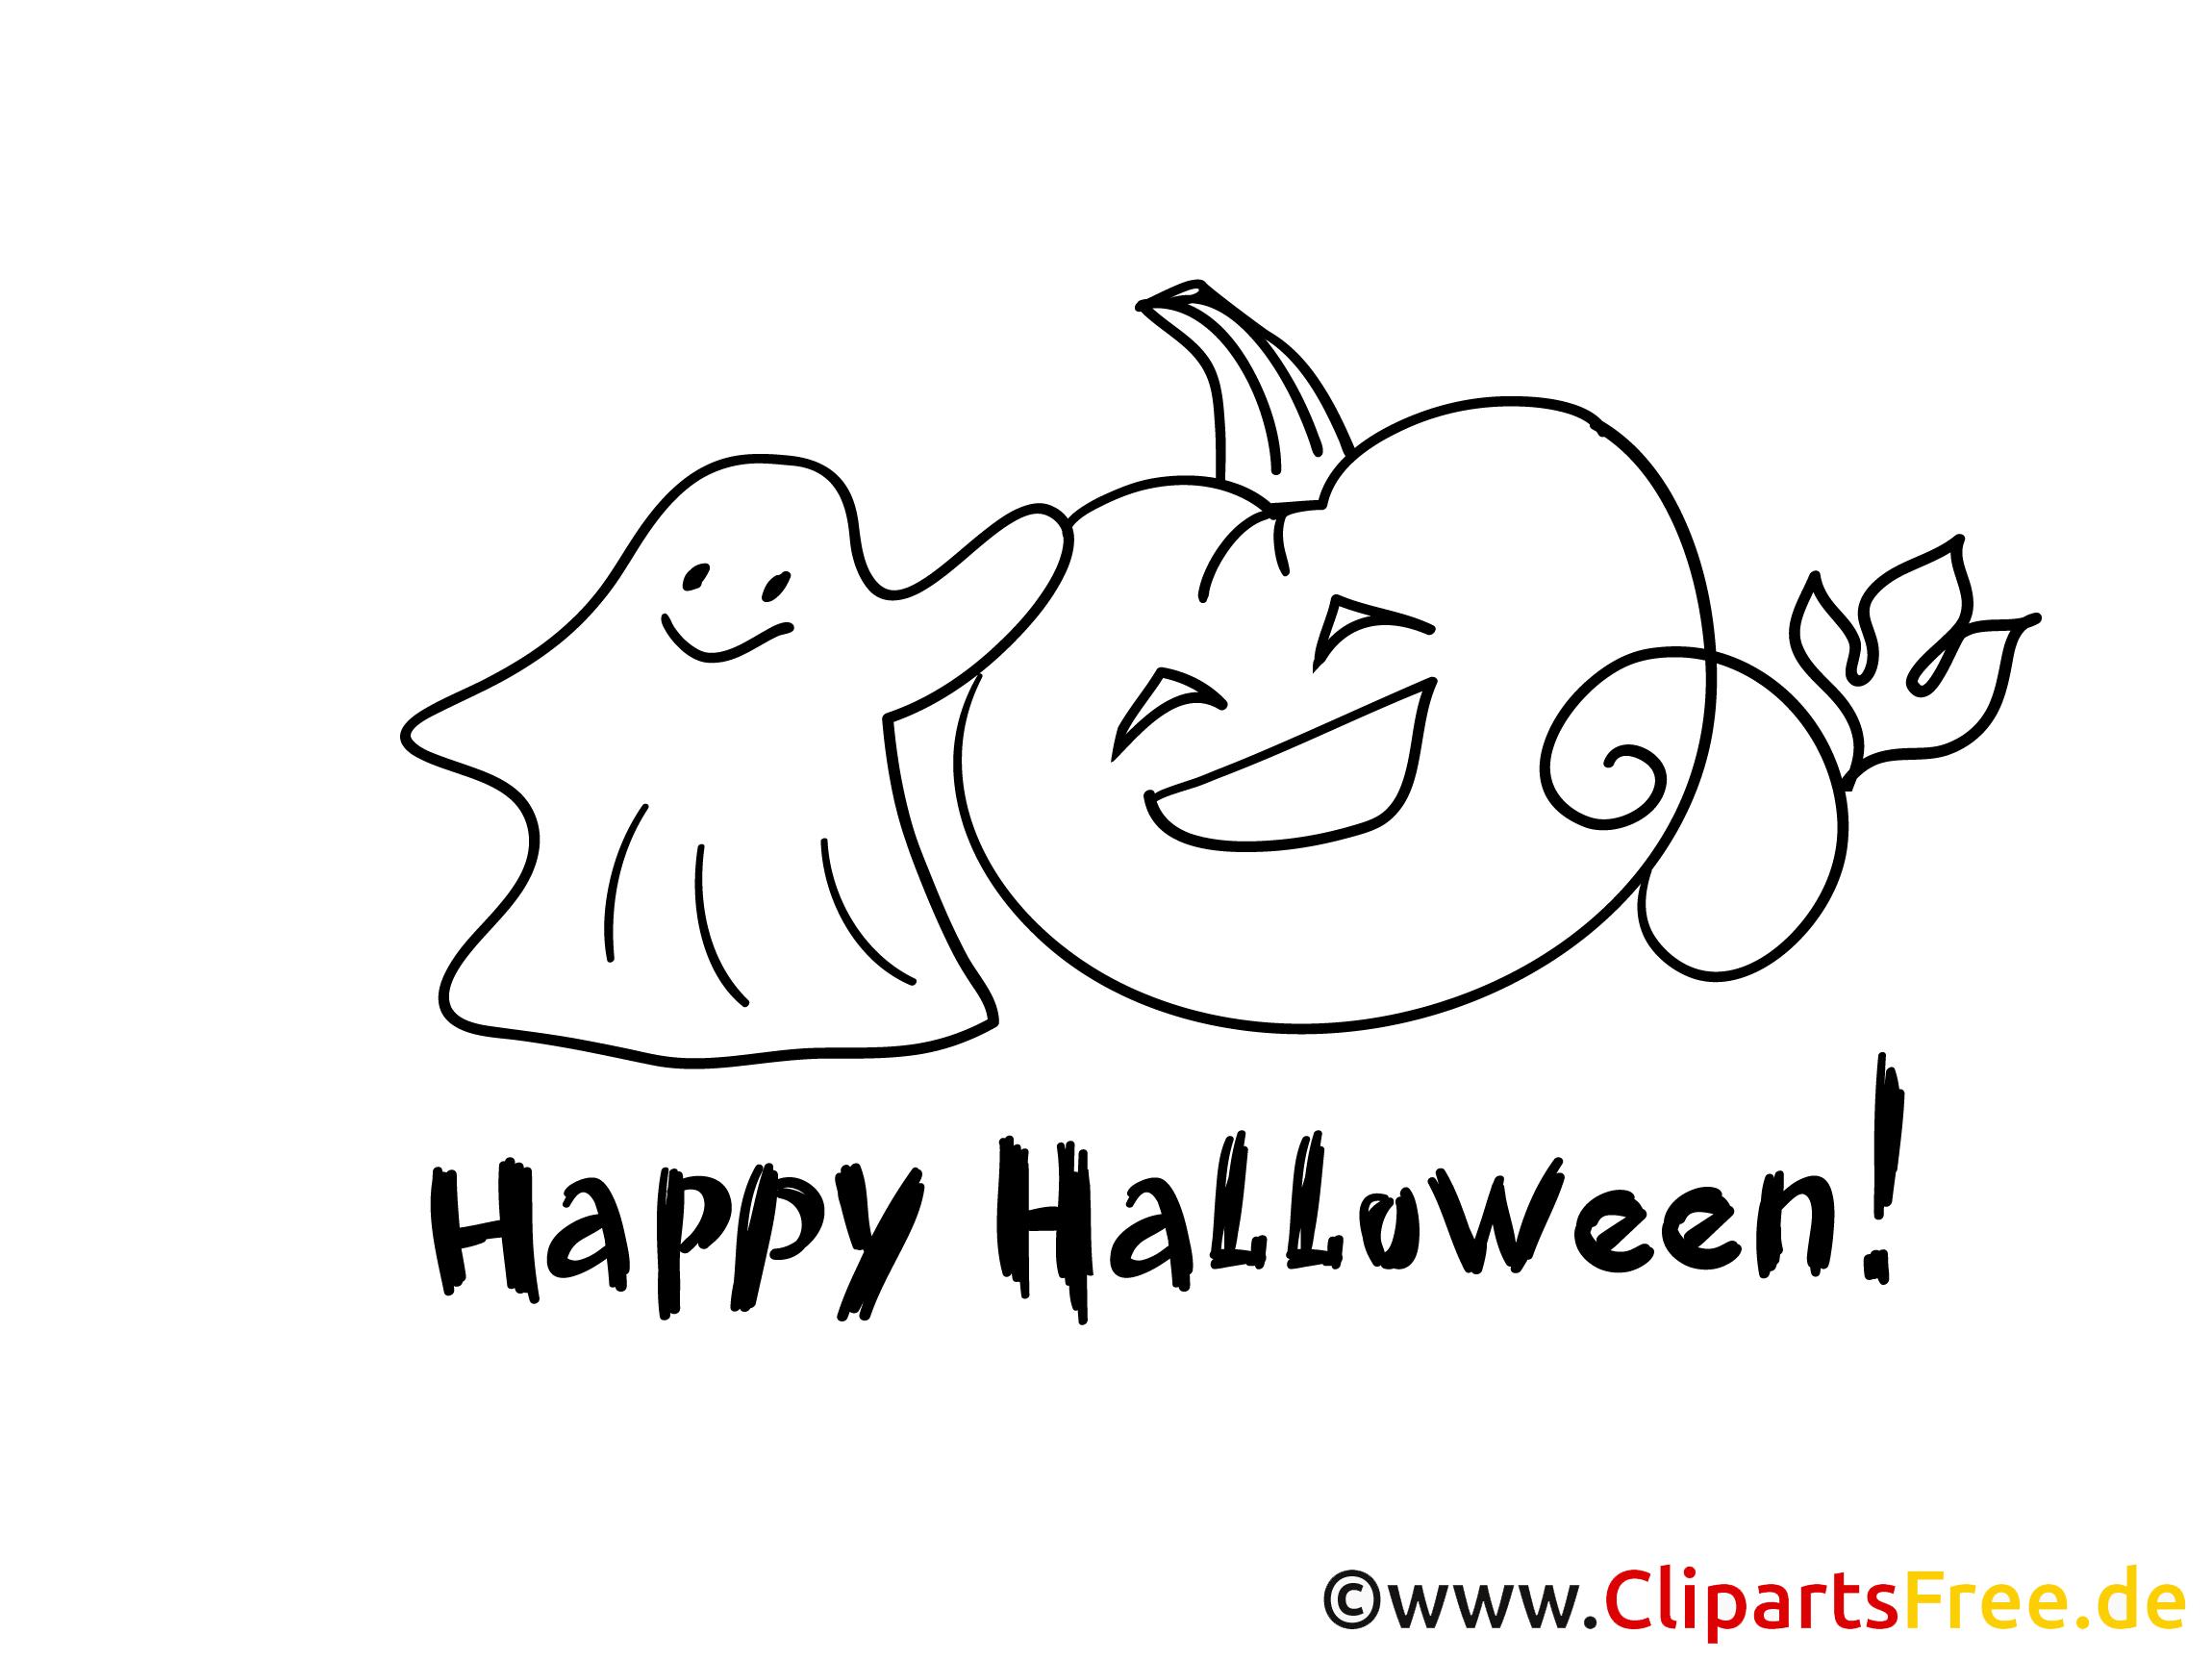 Ausmalbild zum Drucken Halloween